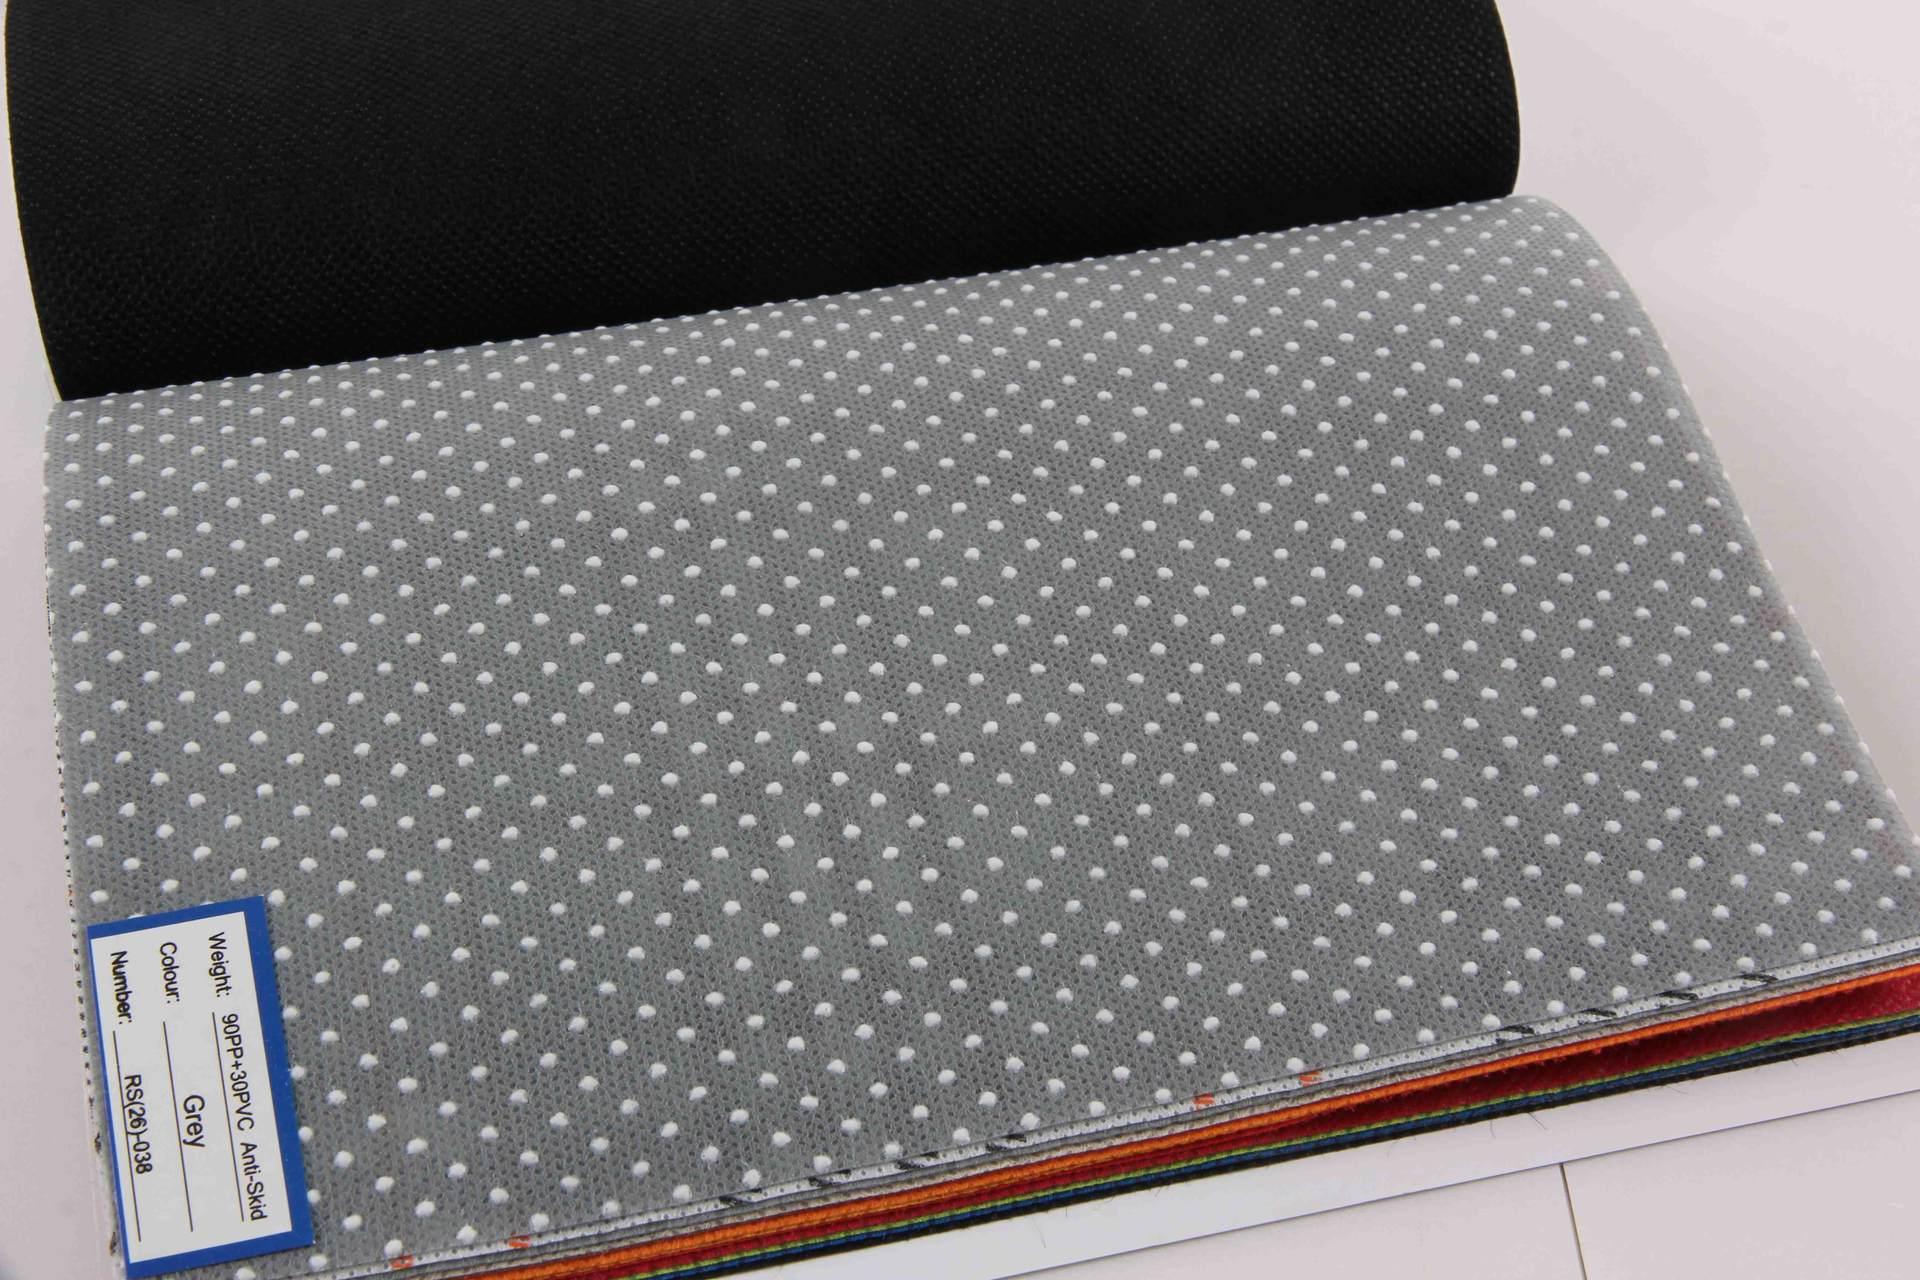 Gris et beige anti glissent tissu non-tissé widly utilisé dans les meubles